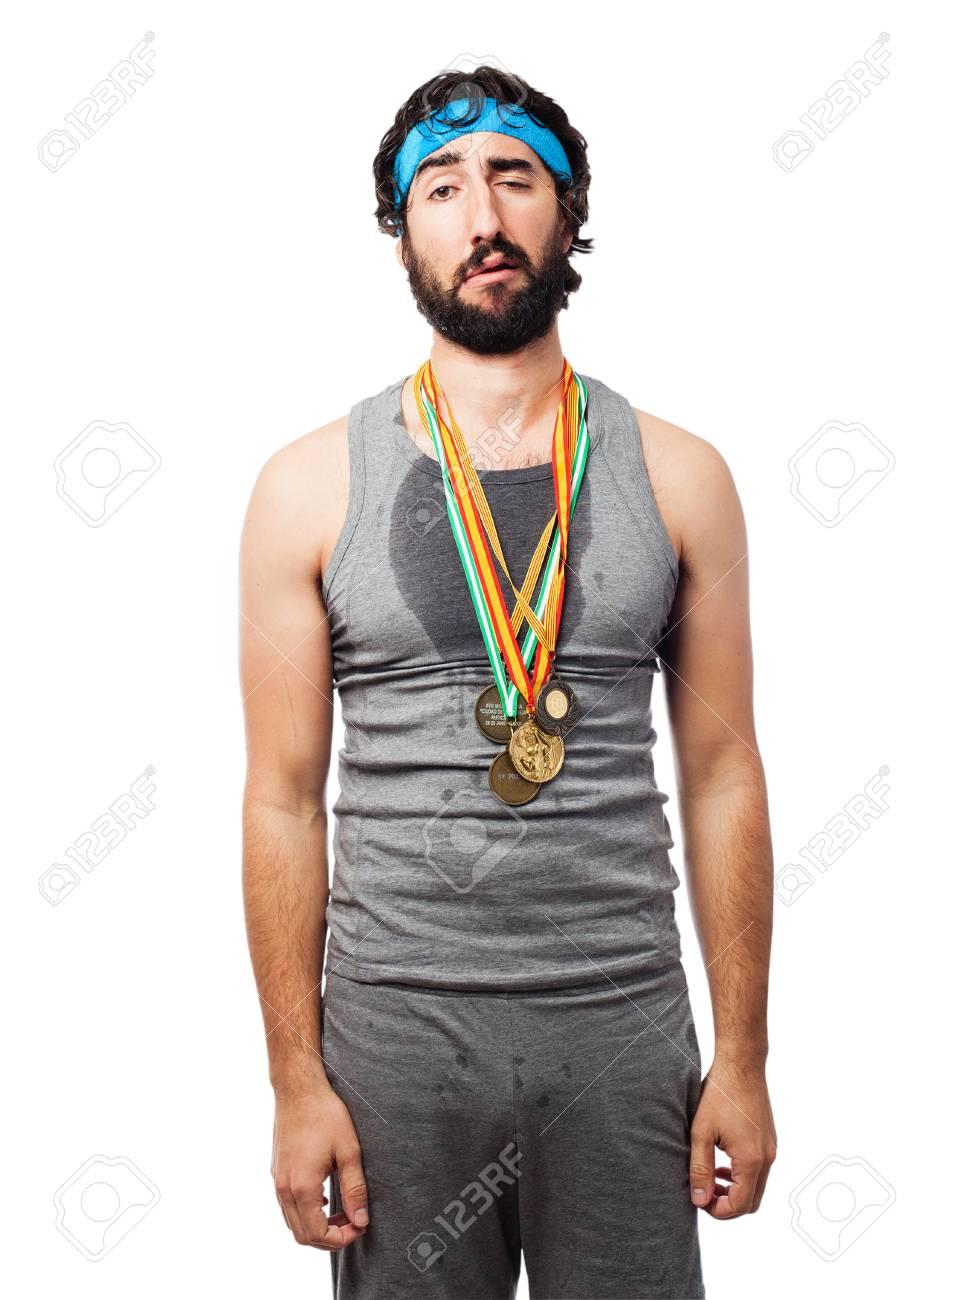 loser sportsman - 41525278